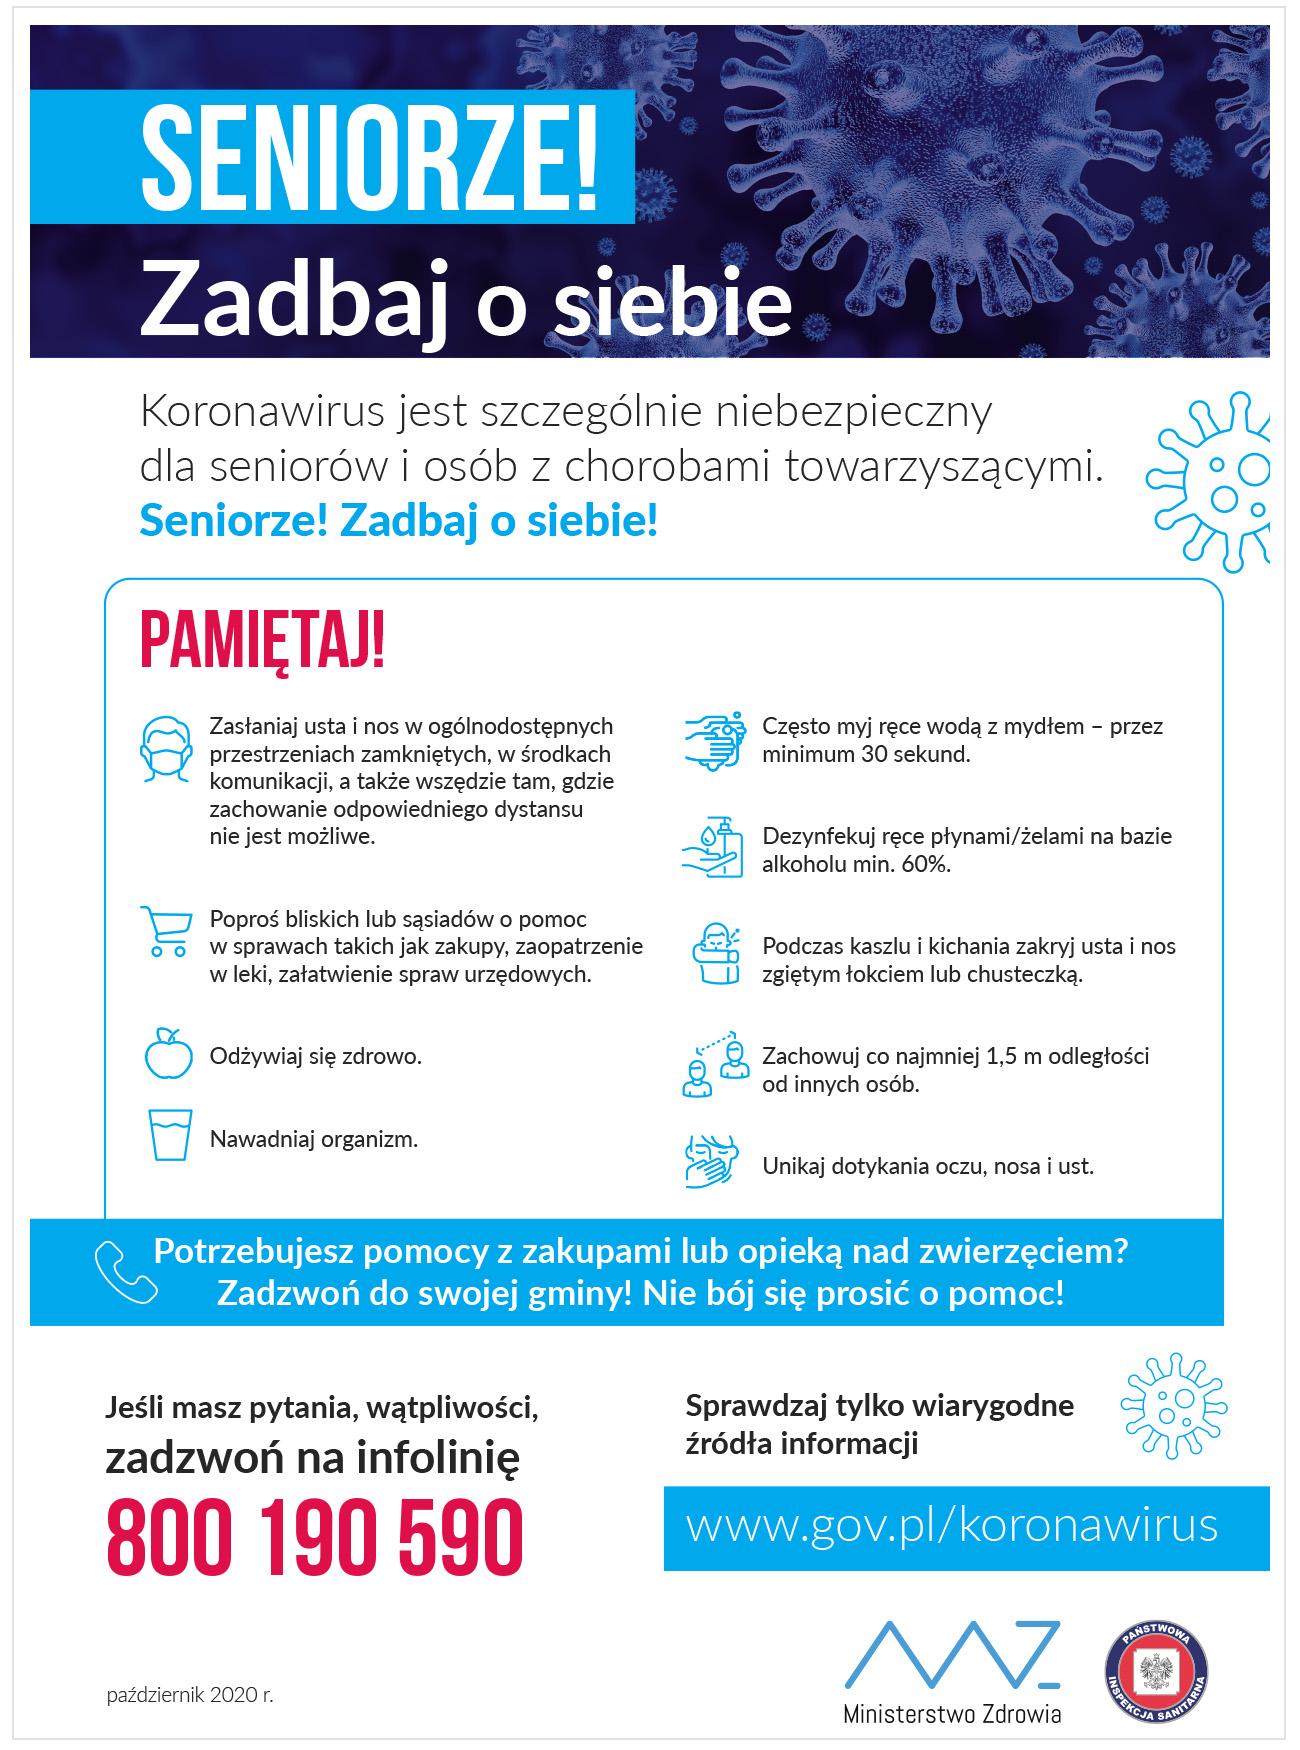 Plakat Ministerstwa Zdrowia z zasadami bezpieczeństwa